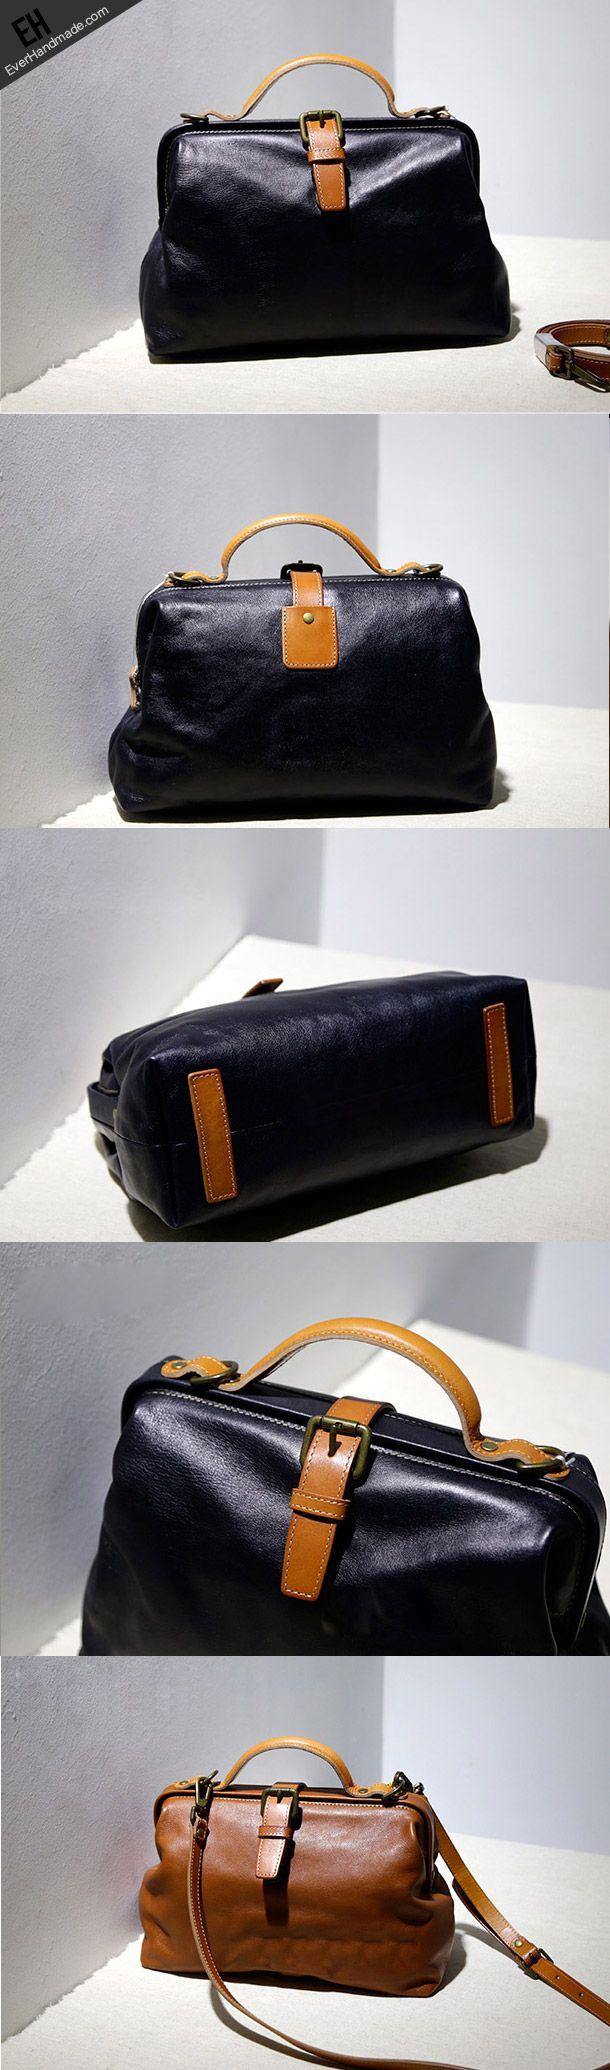 Handmade Leather tote bag shopper bag for women leather shoulder bag handbag – Vianney de Anda